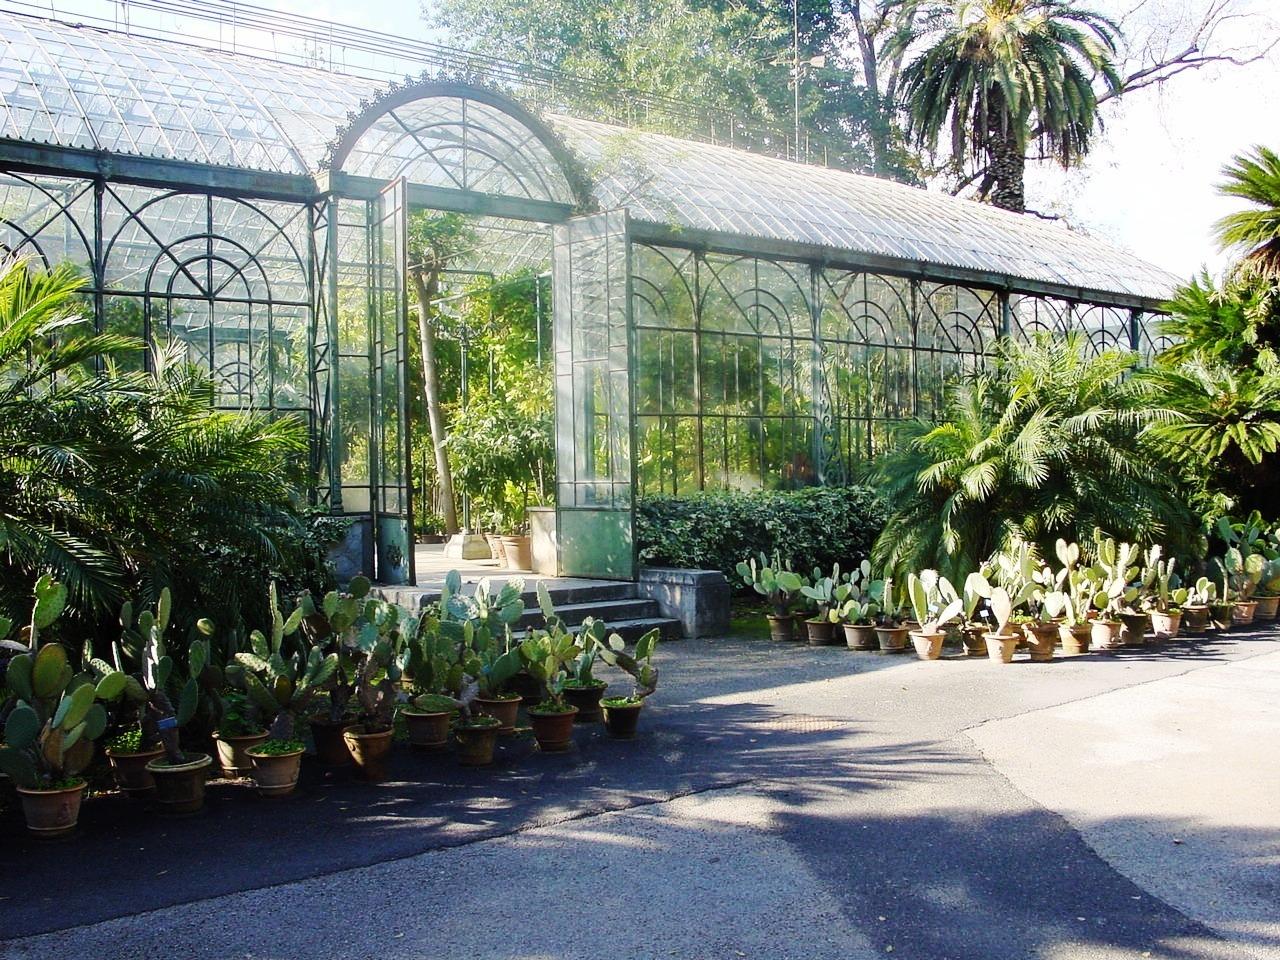 Biblioteca degli alberi a milano un giardino botanico nella città